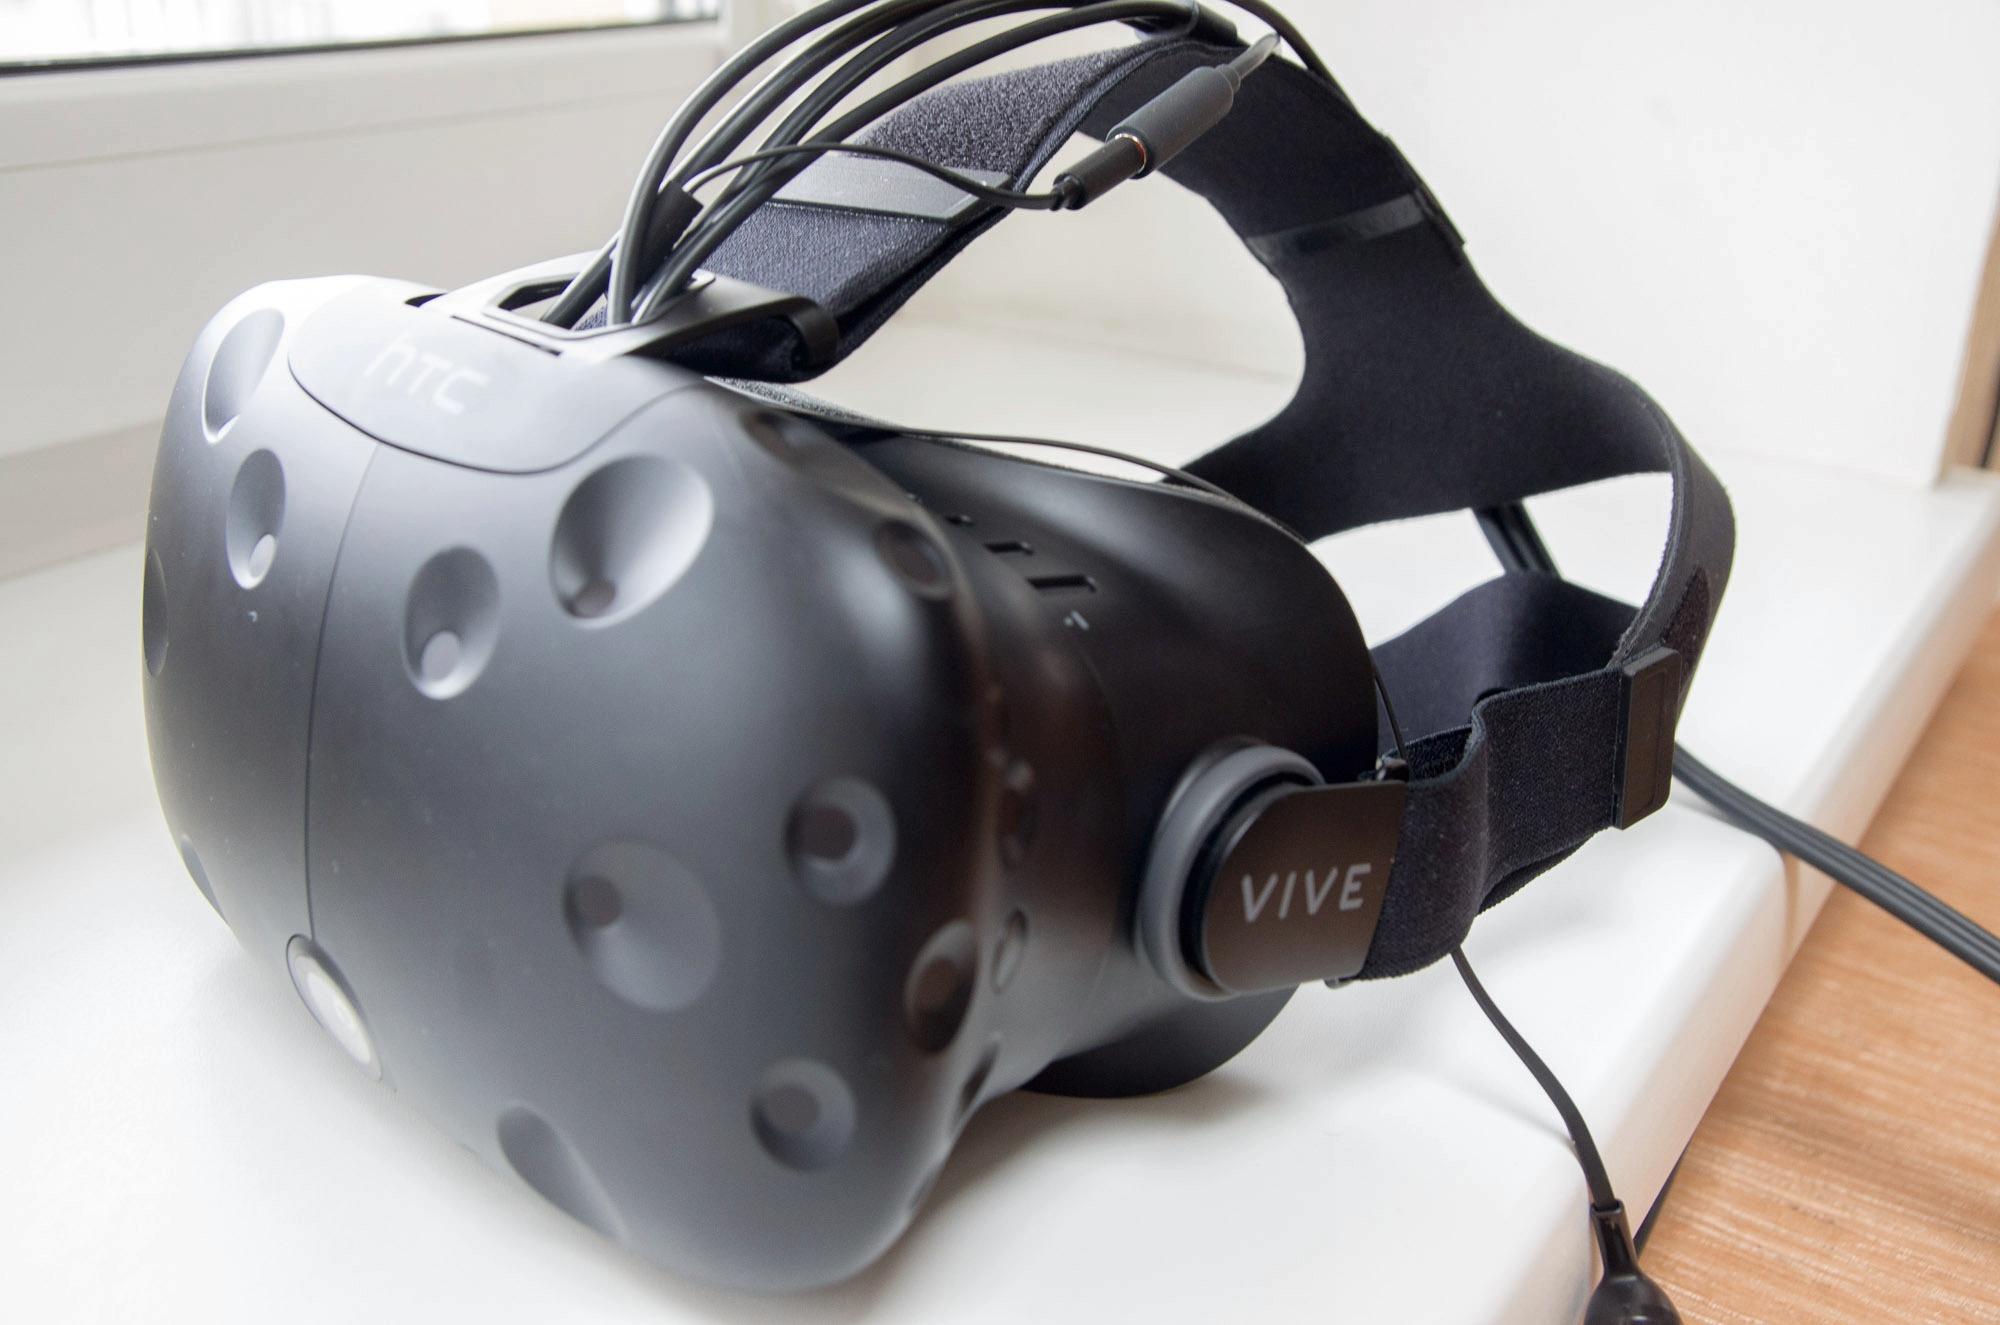 Htc очки виртуальной реальности видео обзор фильтр nd4 mavic air стоимость с доставкой